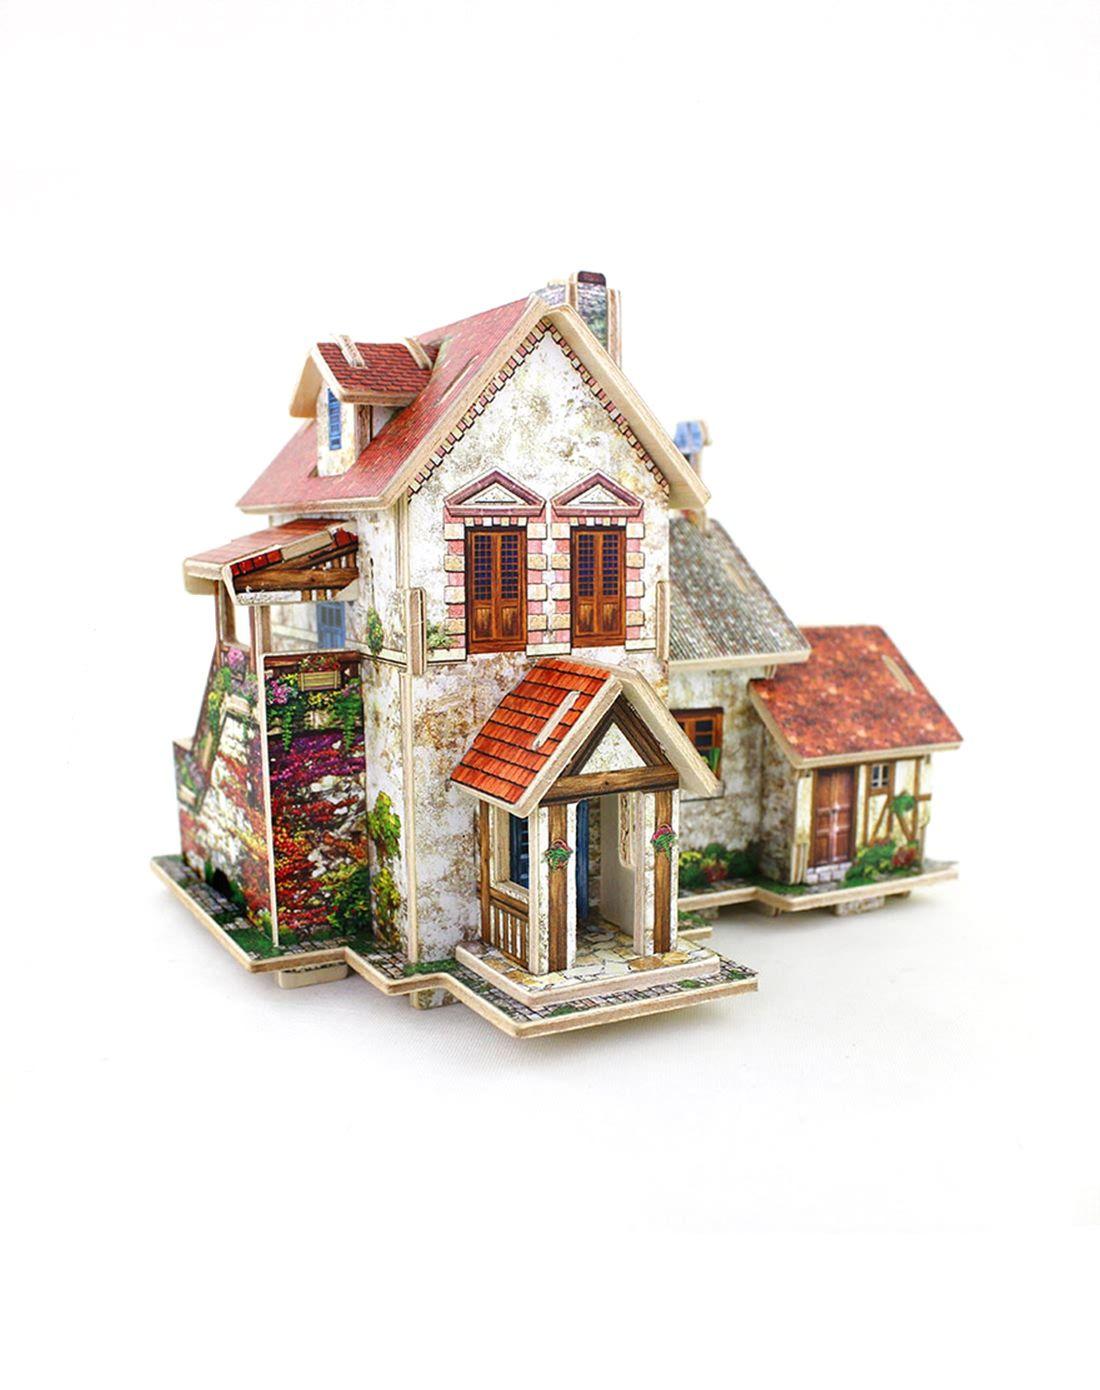 (法国农庄)3d立体拼图木质模型小屋